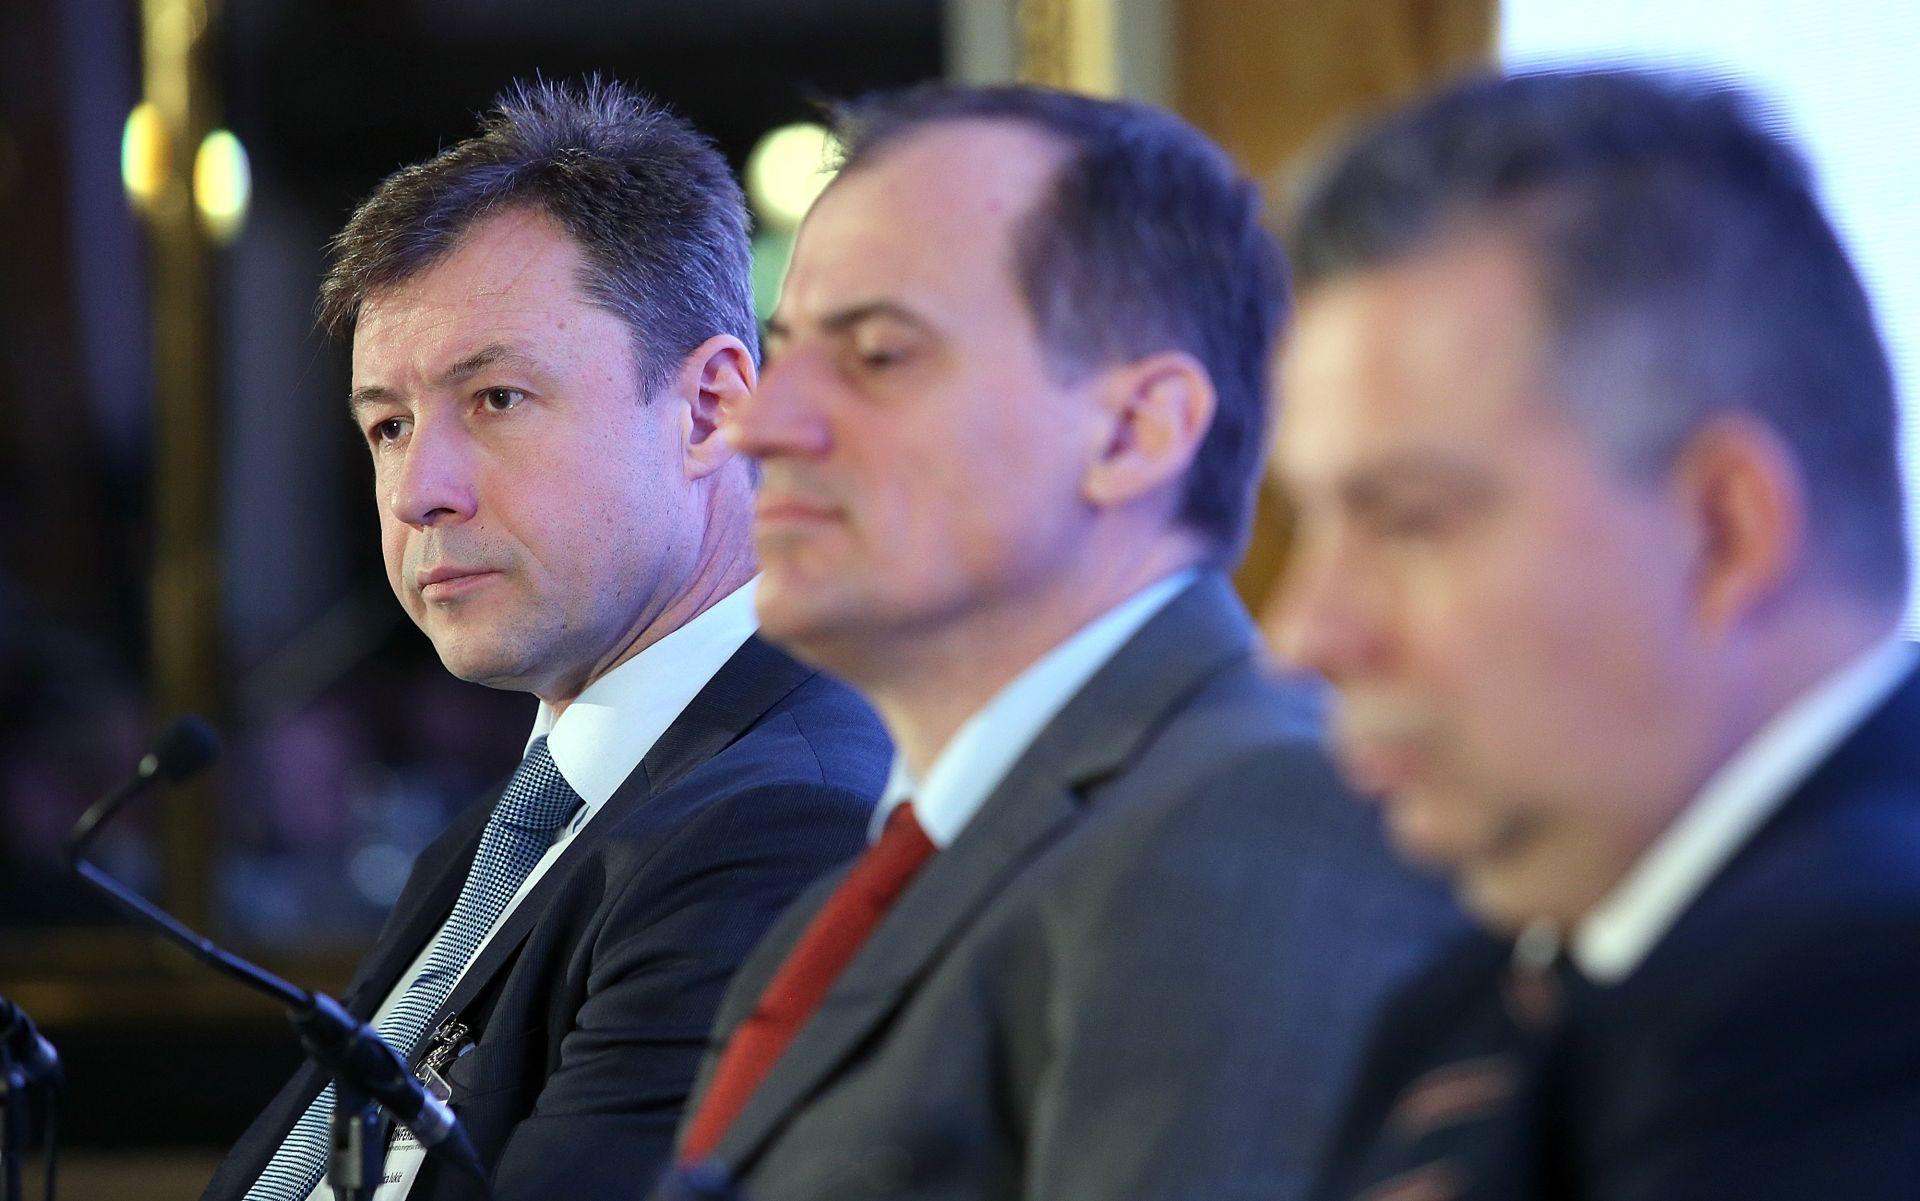 GORAN MARIĆ: 'Vjerujem da će Vlada sutra razriješiti Nadzorni odbor i Upravu HEP-a'